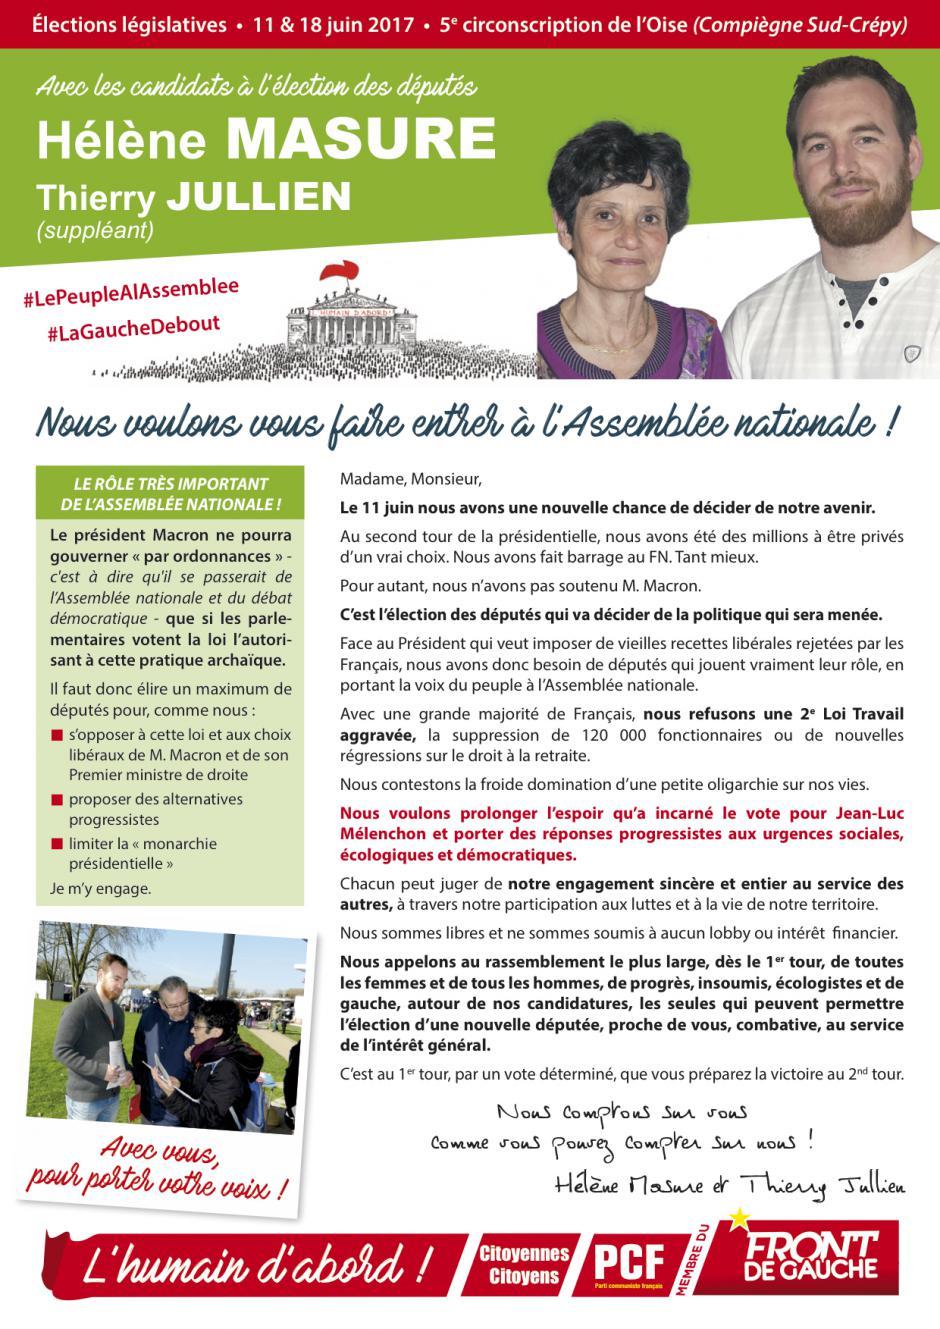 Profession de foi de Hélène Masure et Thierry Jullien - 5e circonscription de l'Oise, 11 juin 2017